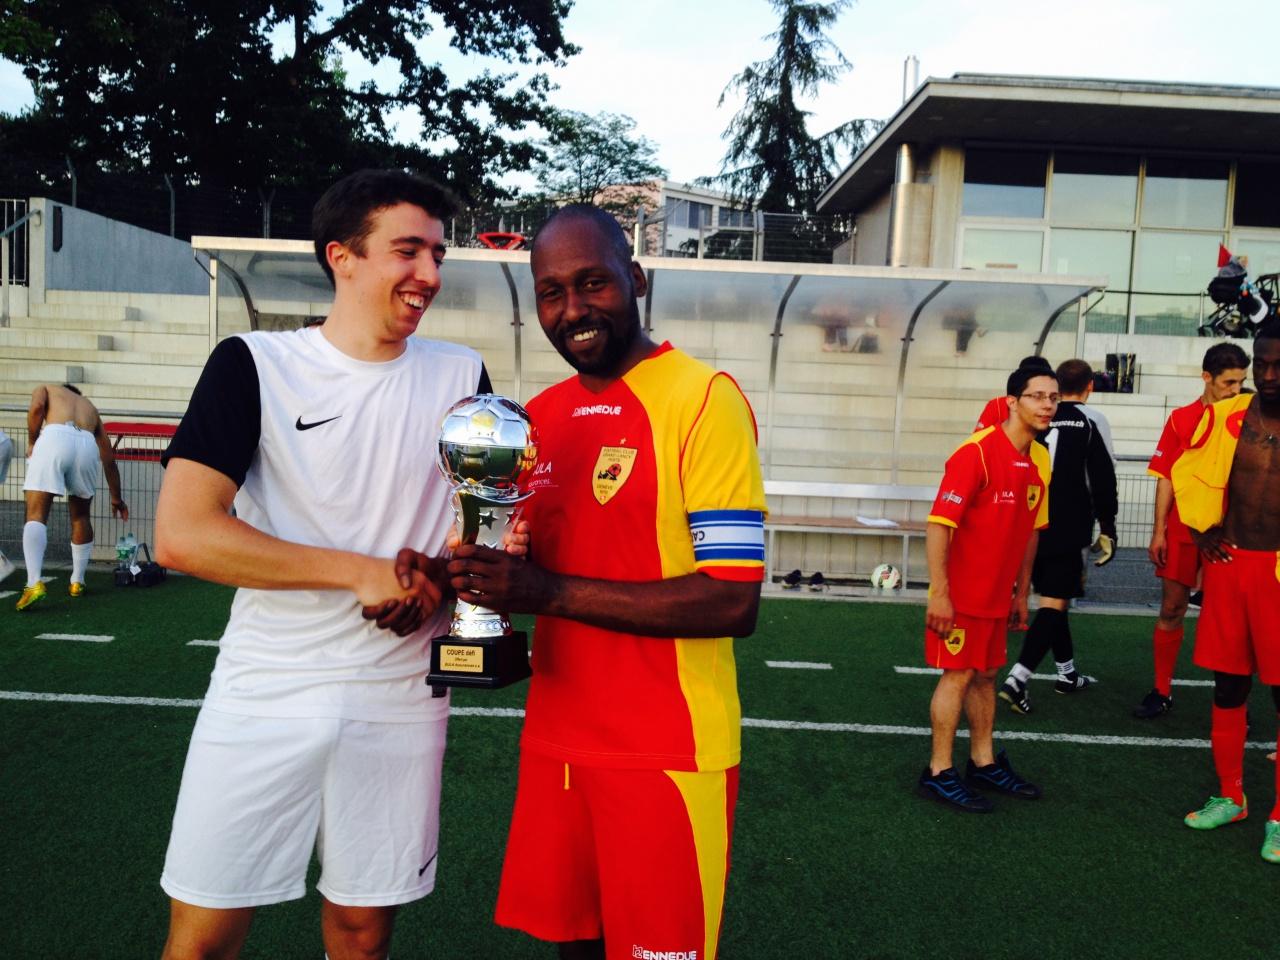 FCGLP - Proster & Gamble Europe s.a.  1-1 (0-0) Défaite 3 à 1 aux tirs au but. 29 juin 2015